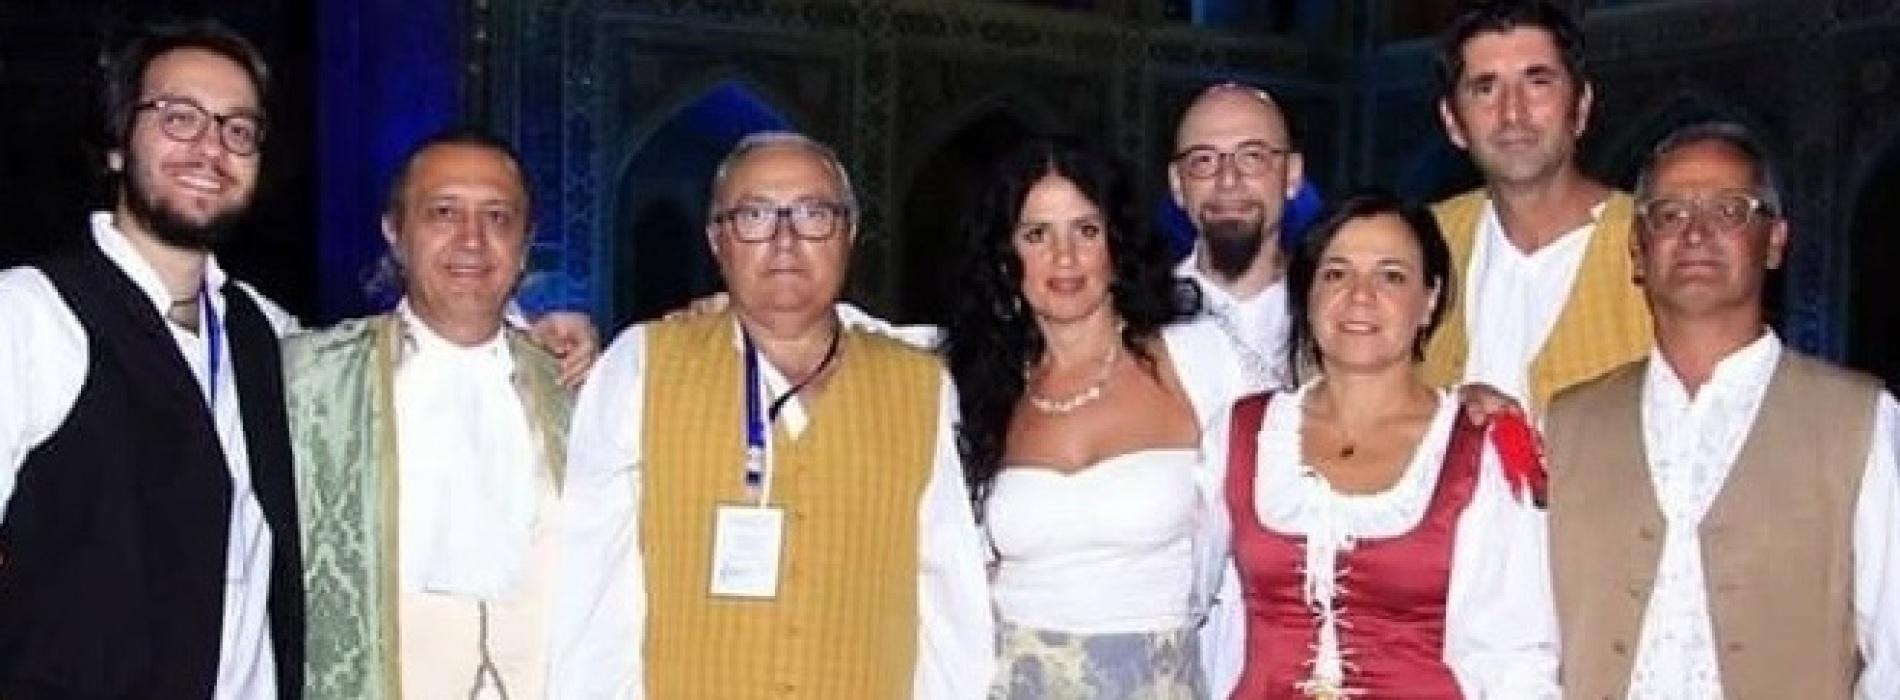 Ambasciatori della cultura e del turismo, premio ai Nantiscia